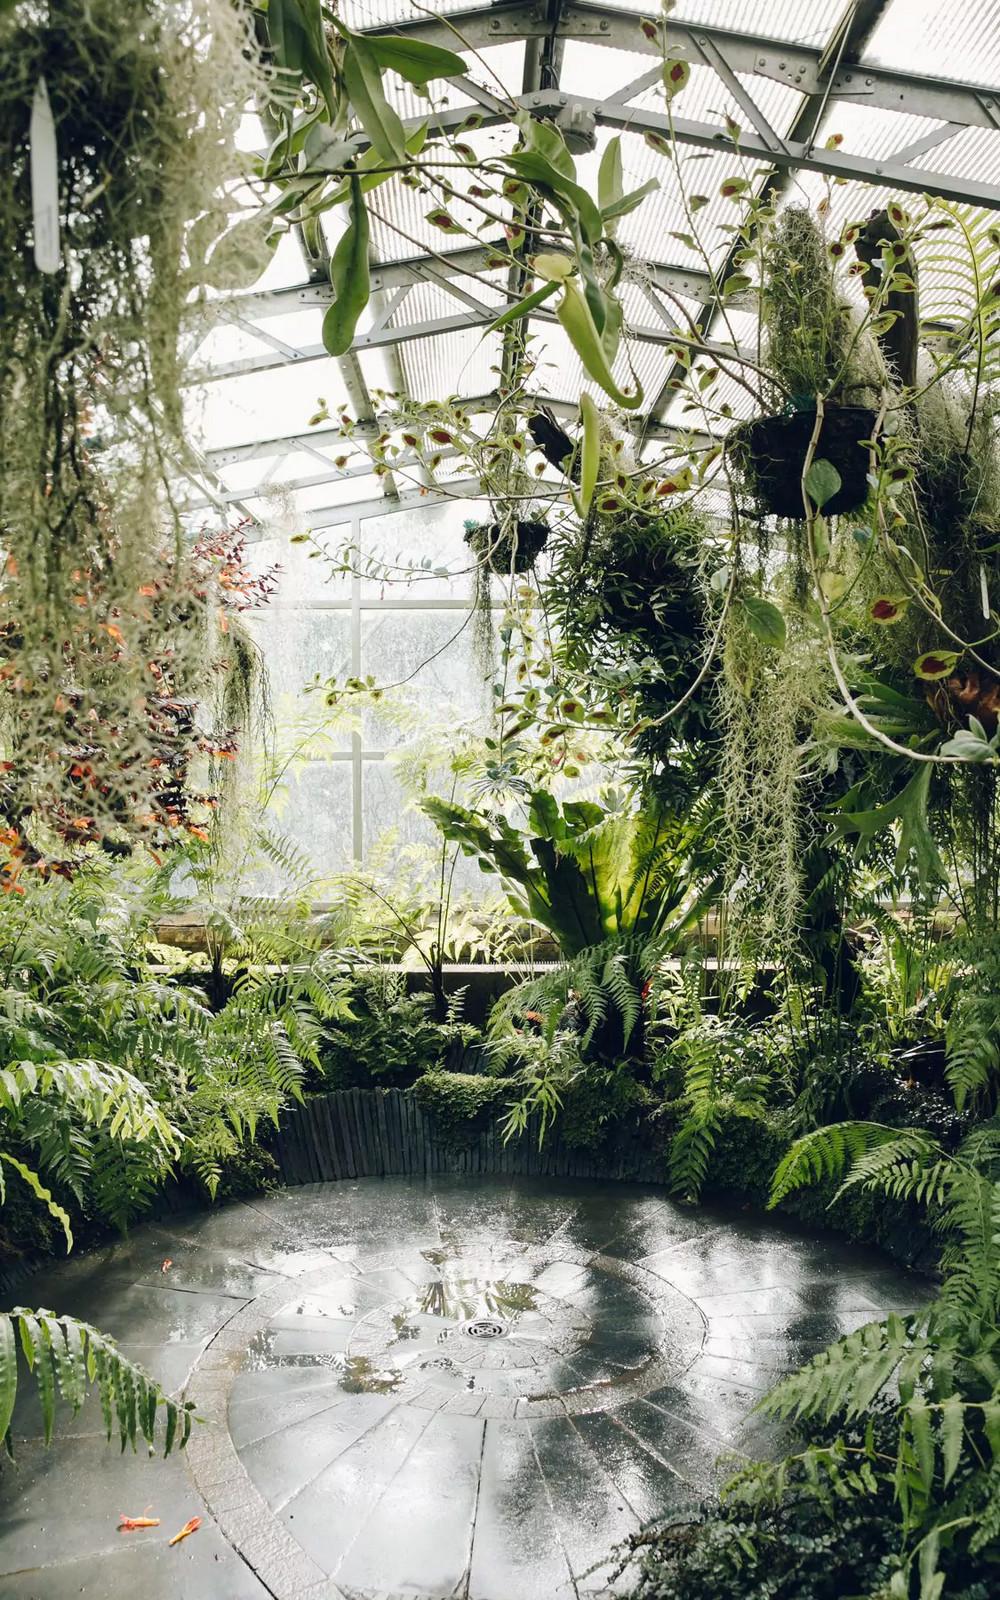 «Дуэт фотографов путешествует по миру, снимая ботанические сады, оранжереи и теплицы 4